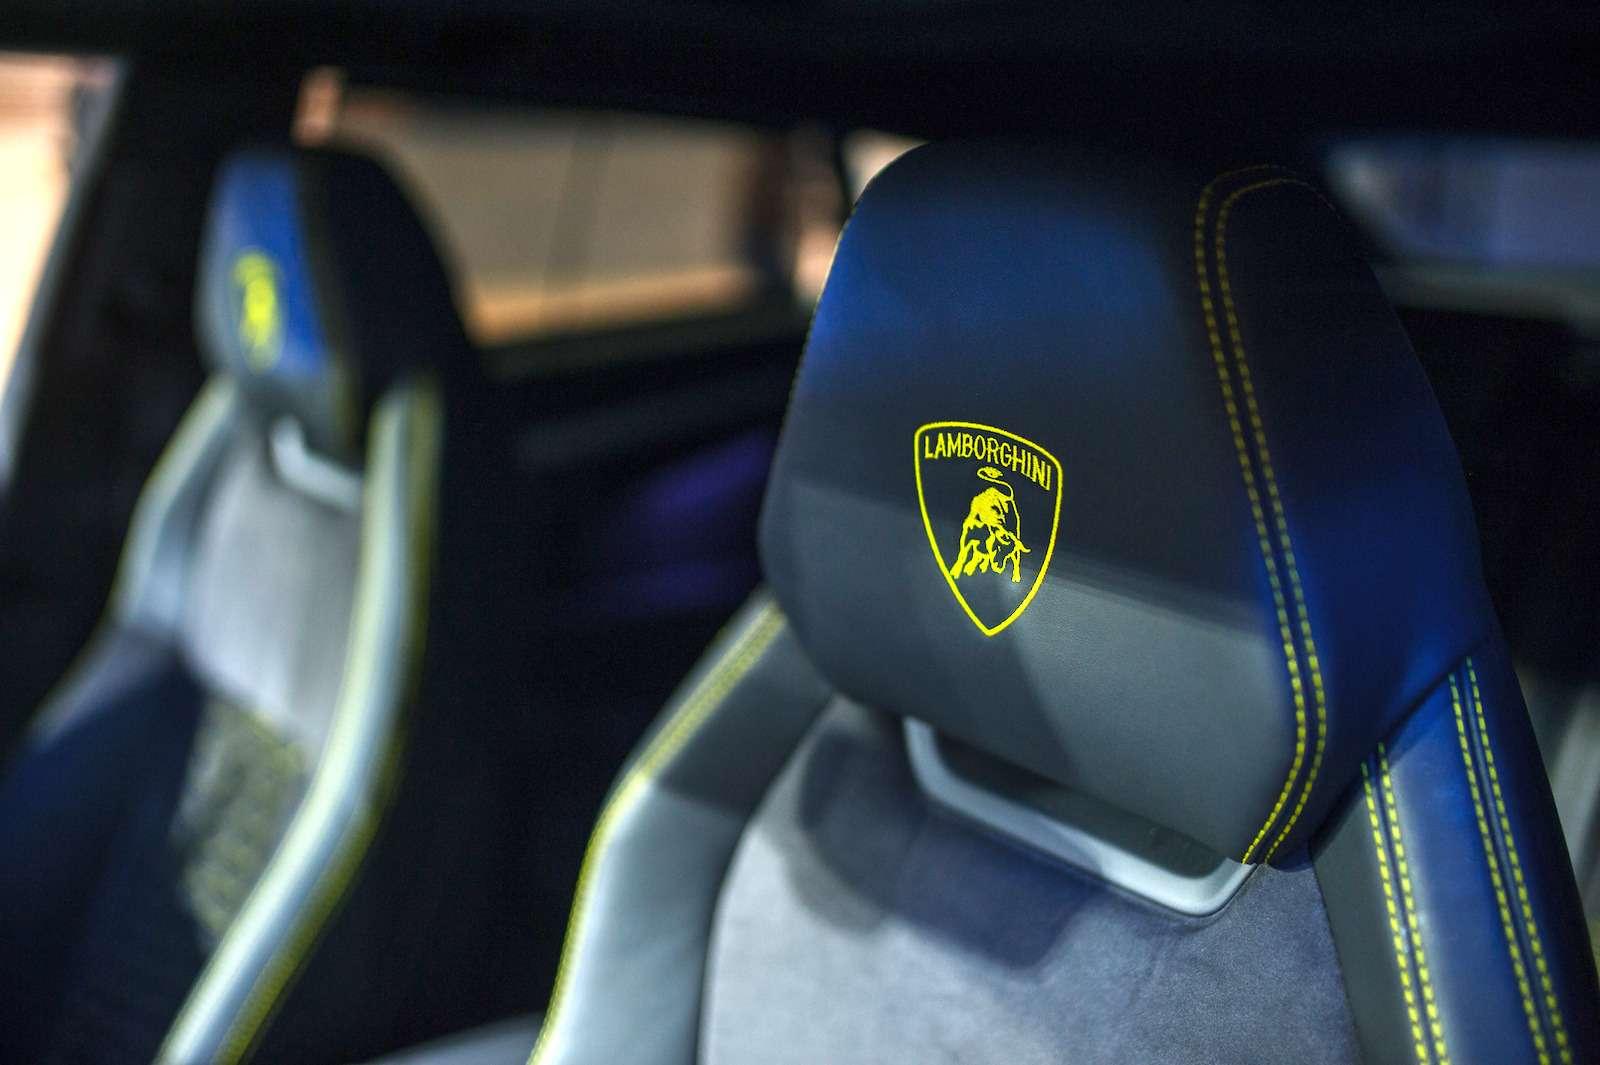 Lamborghini привезла вРоссию автомобиль, который небоится «лежачих полицейских»— фото 845789